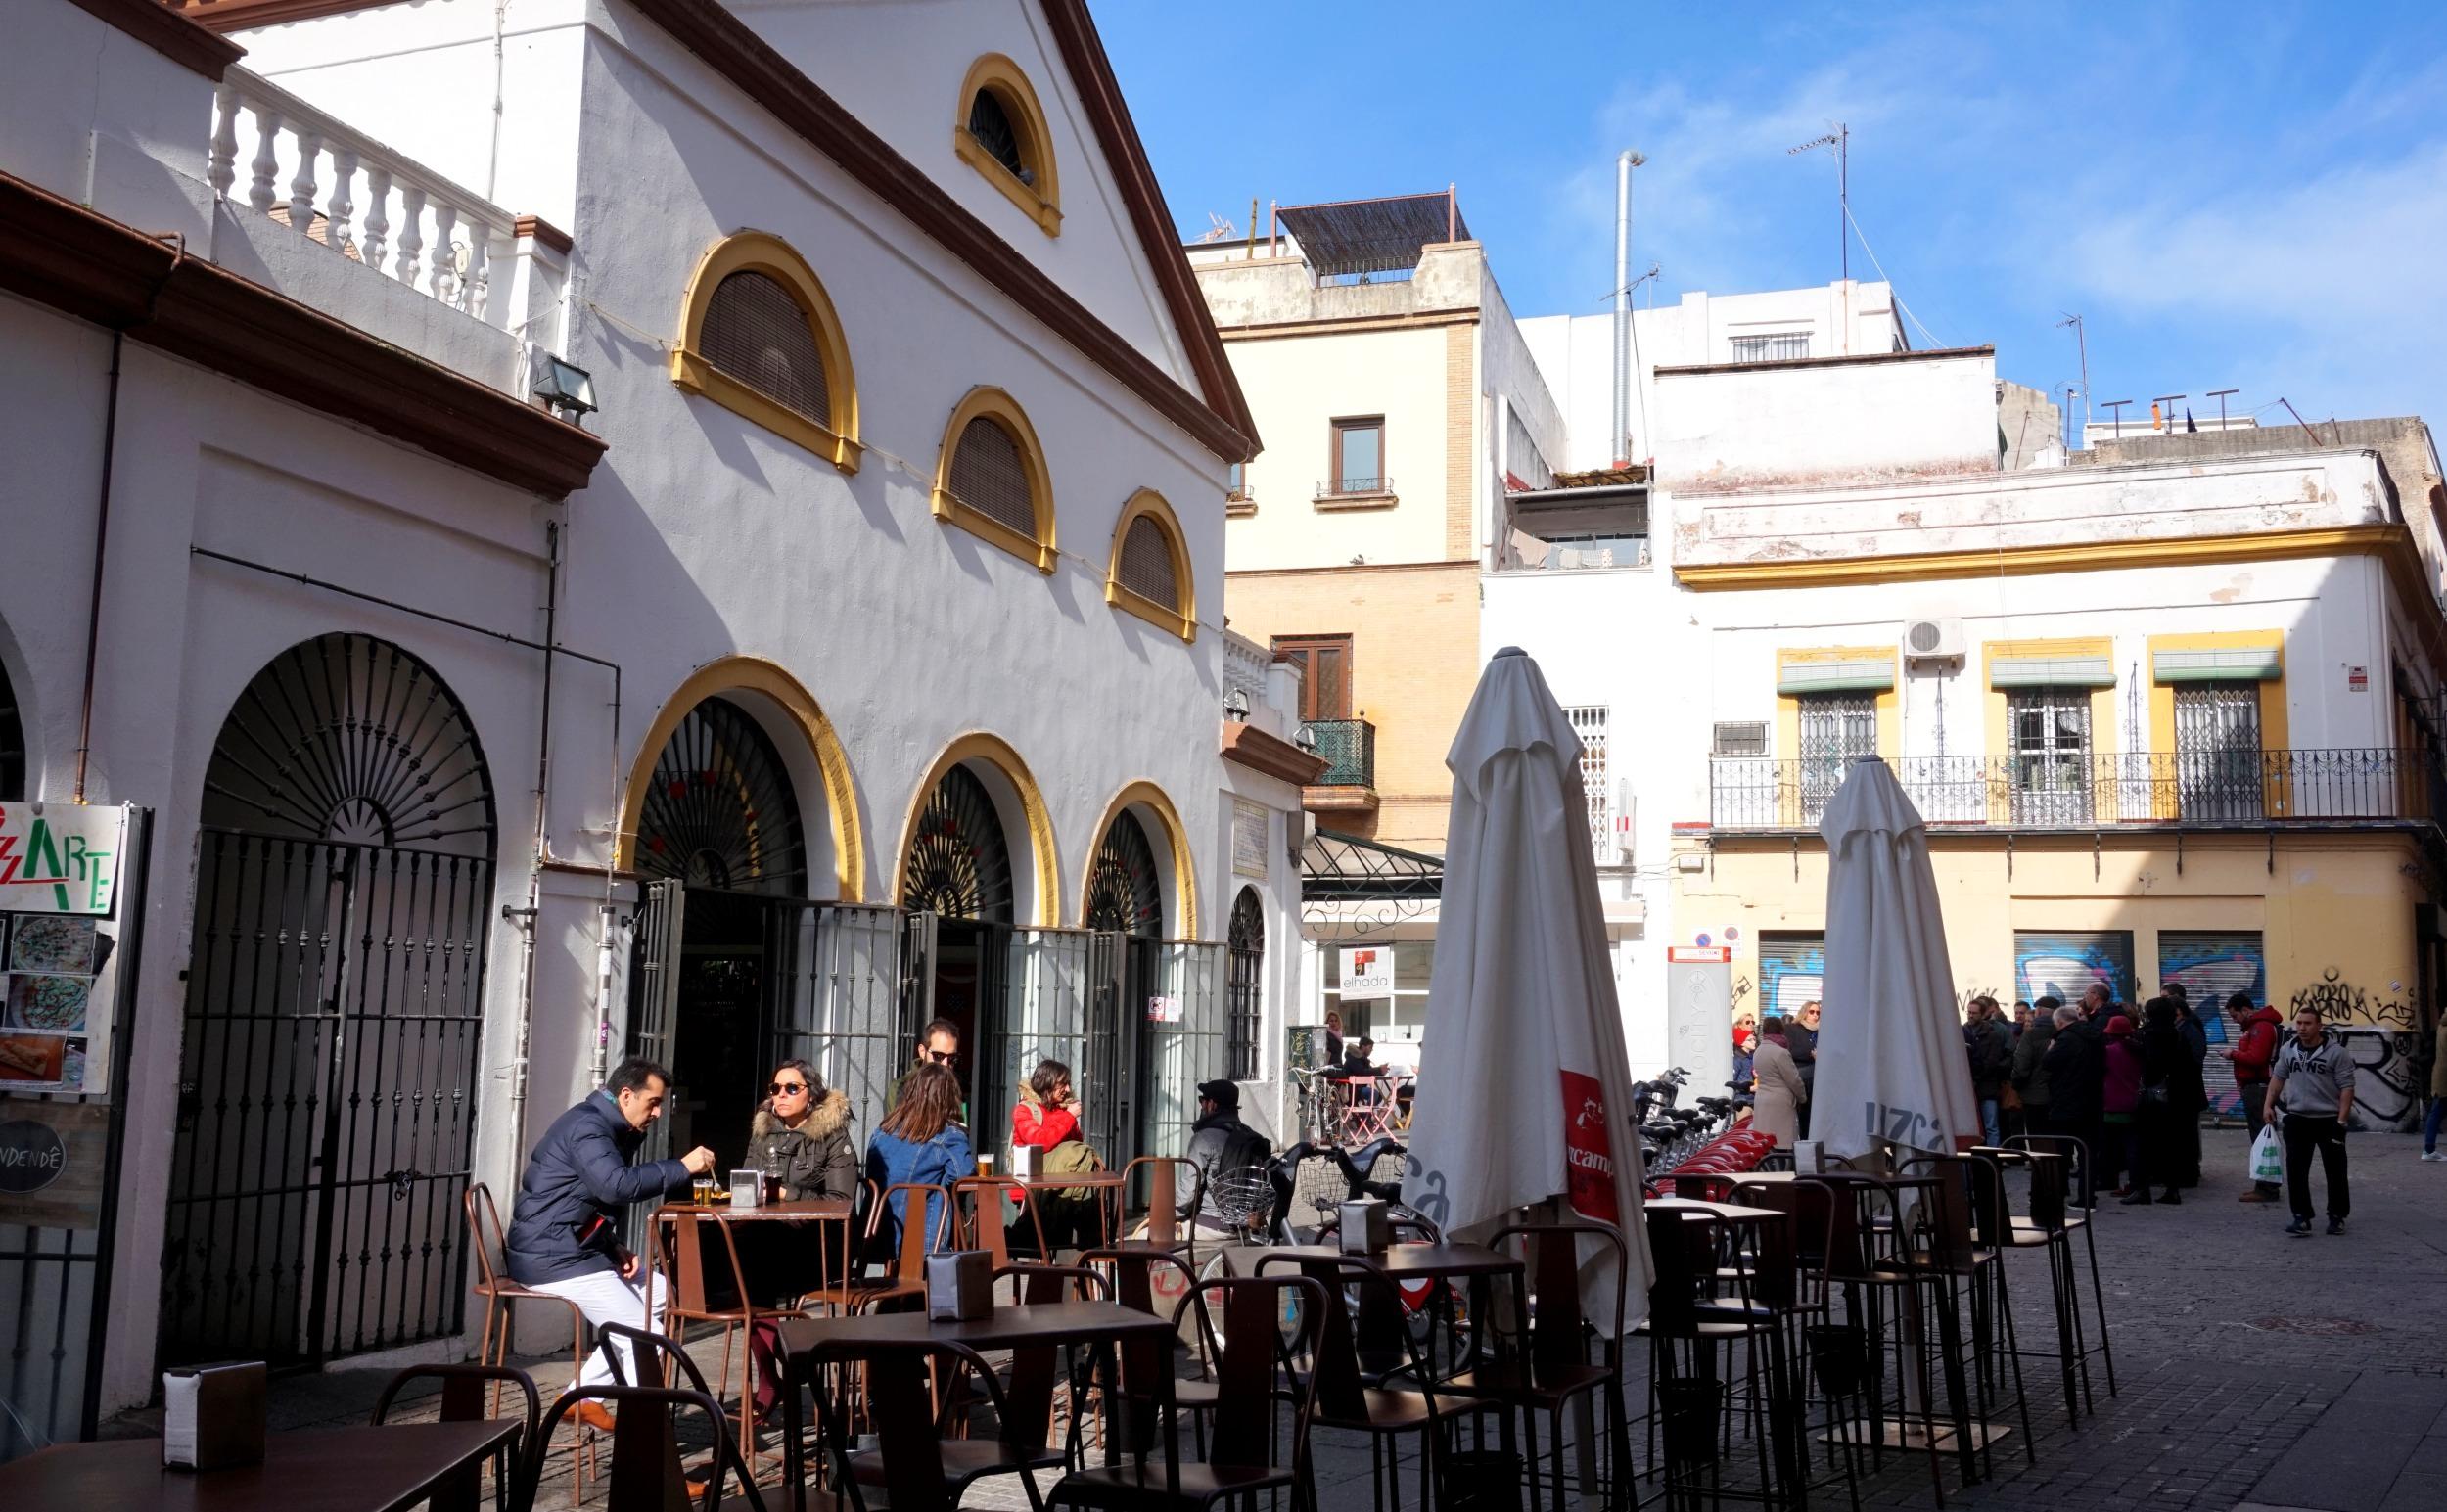 Seville-Janvier-6